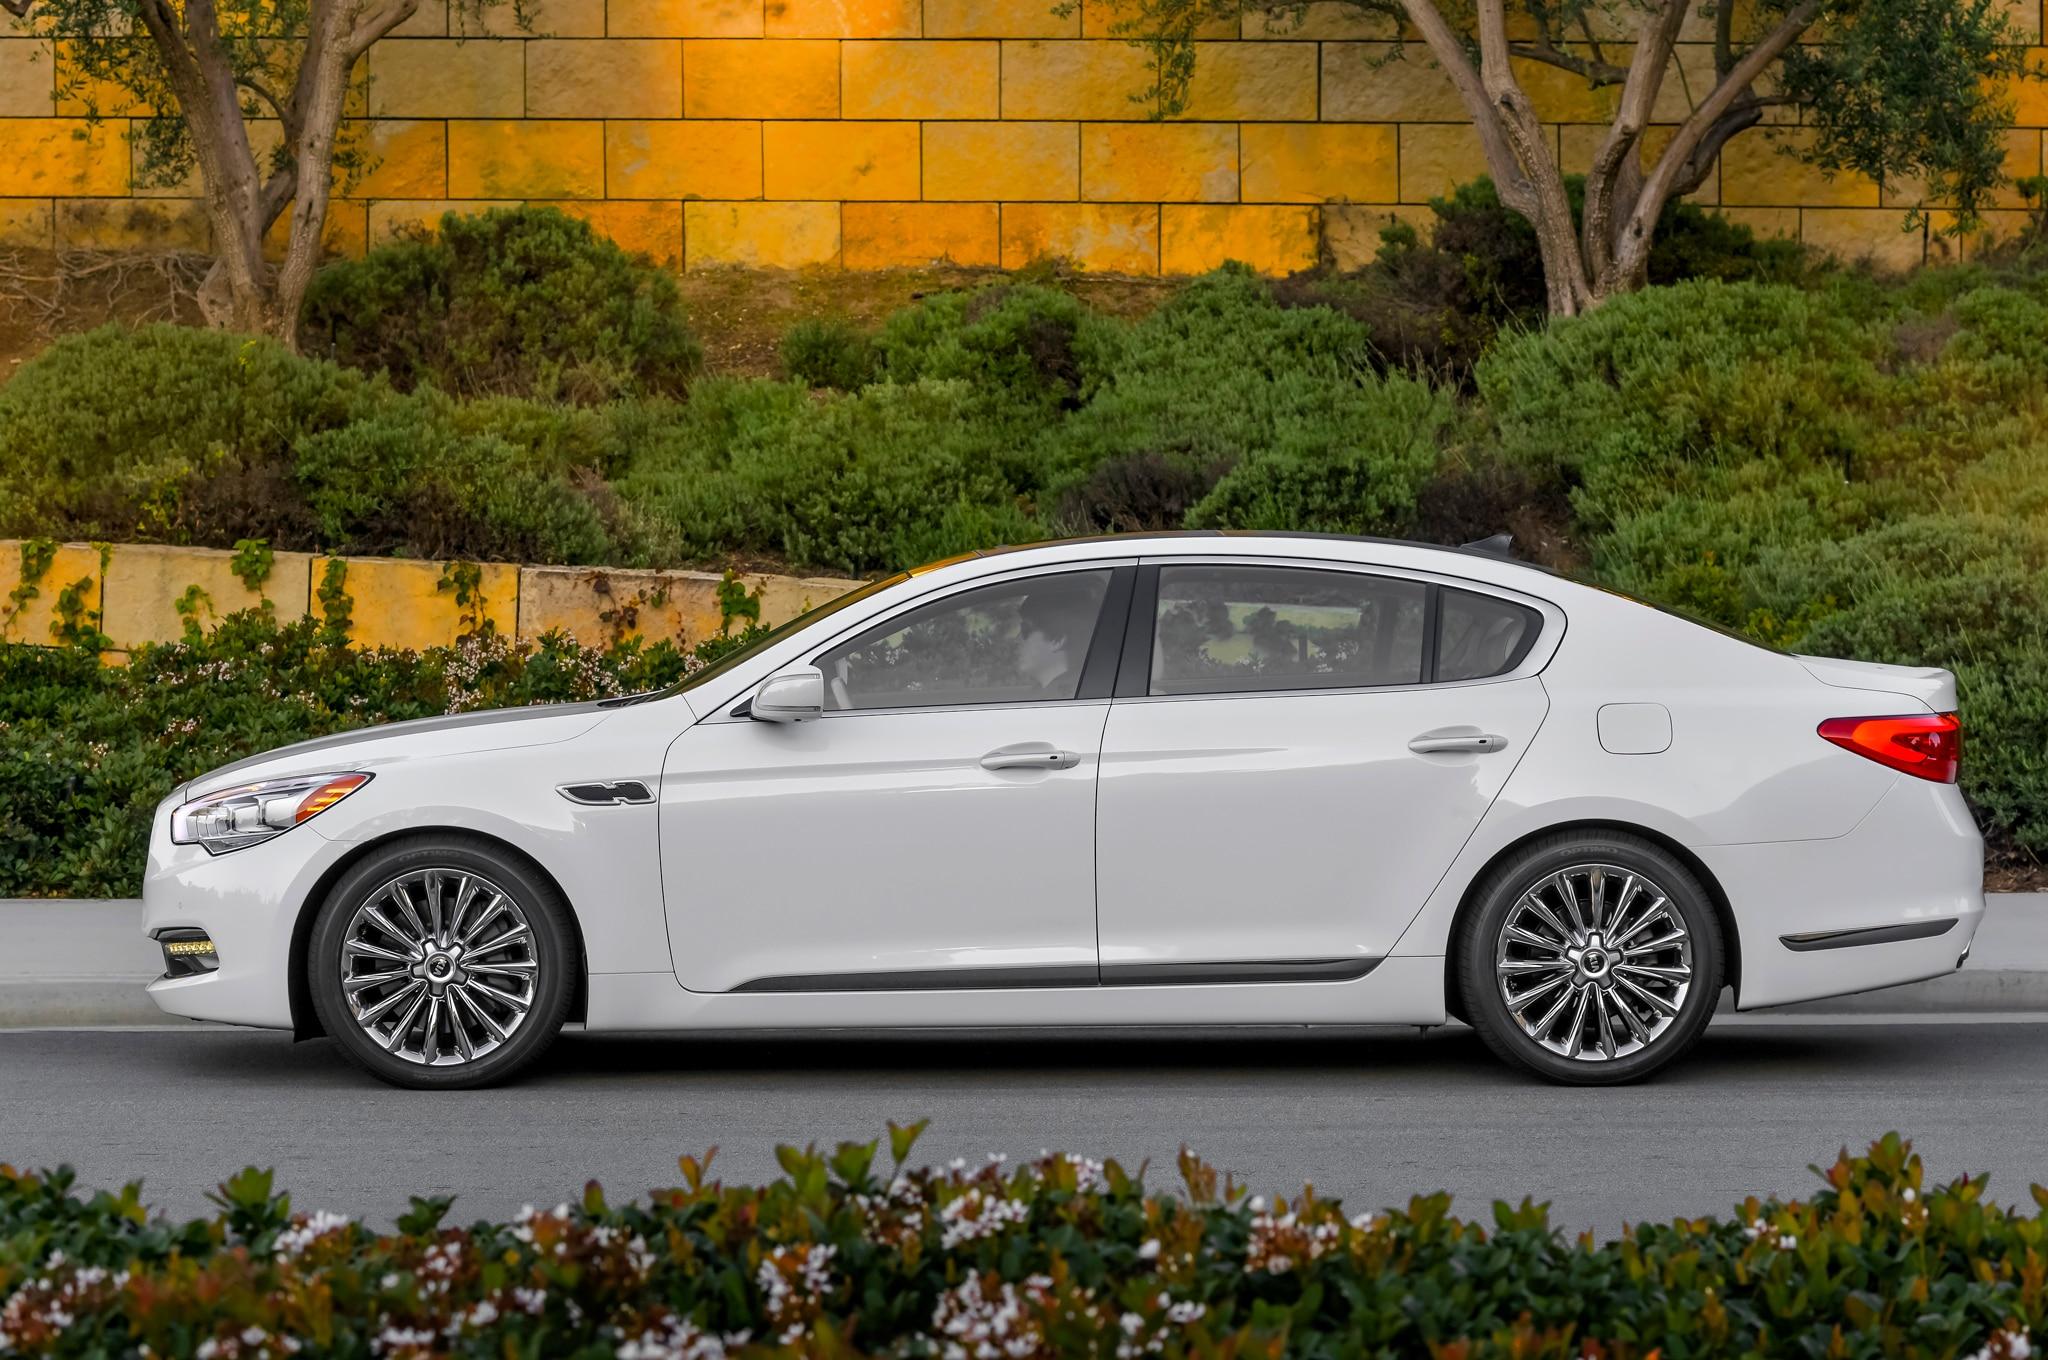 2015 Kia K900 Side Profile1